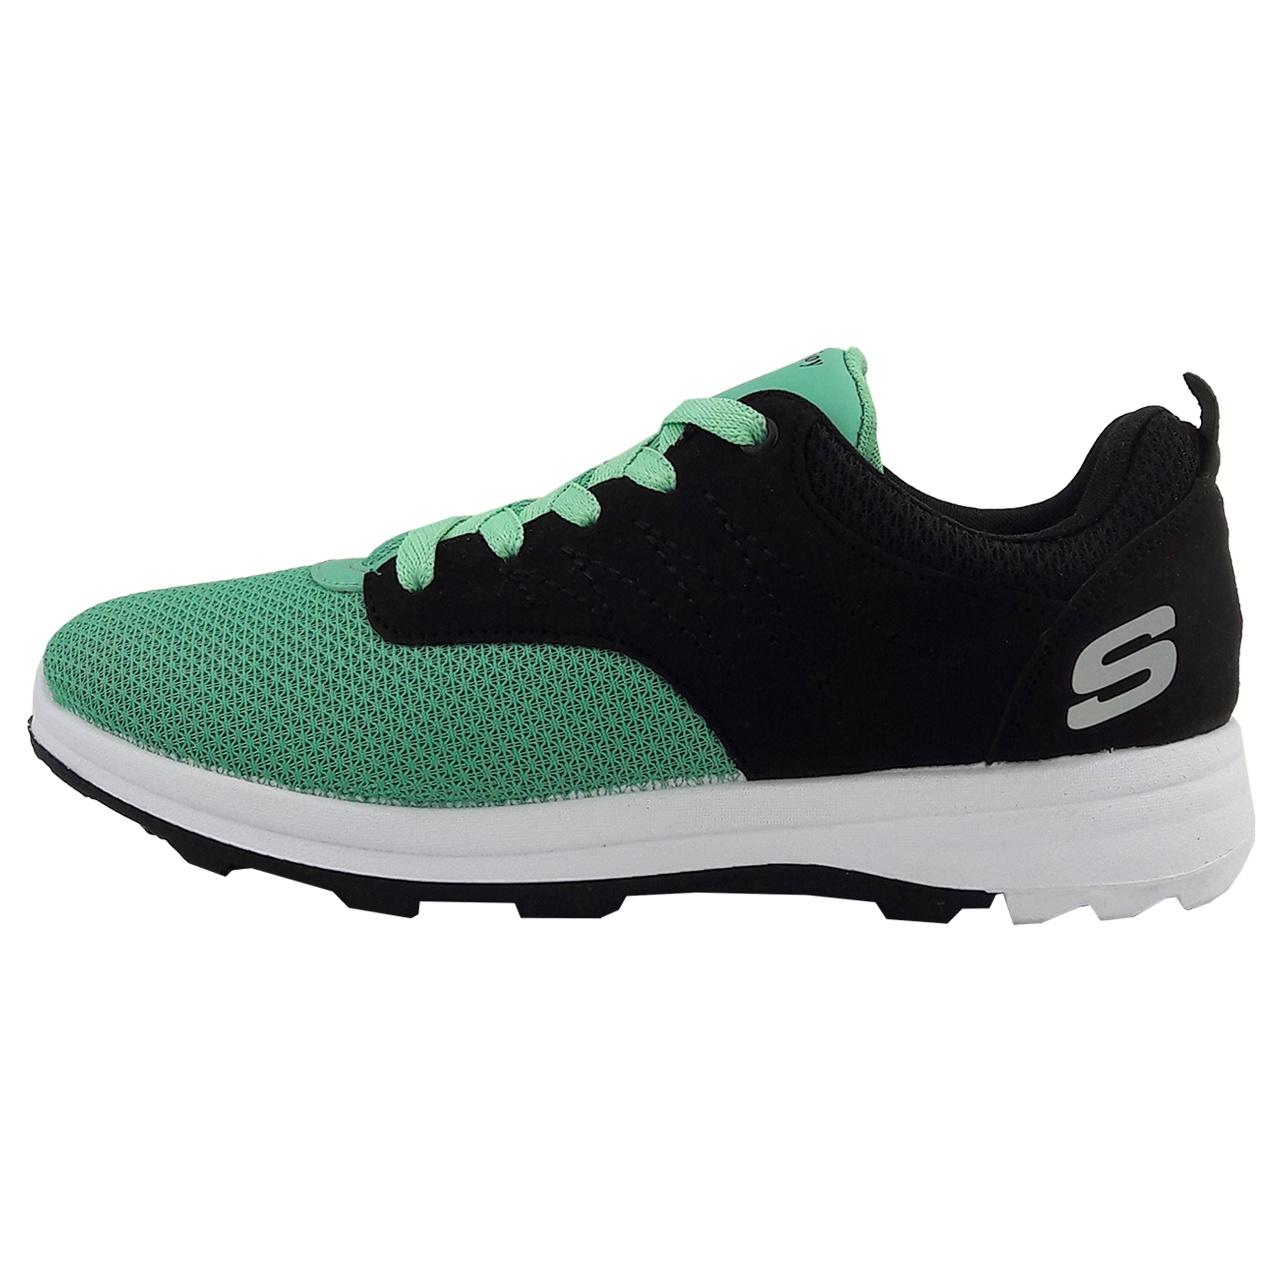 کفش مخصوص پیاده روی زنانه مدل S rm.bl.gre-01